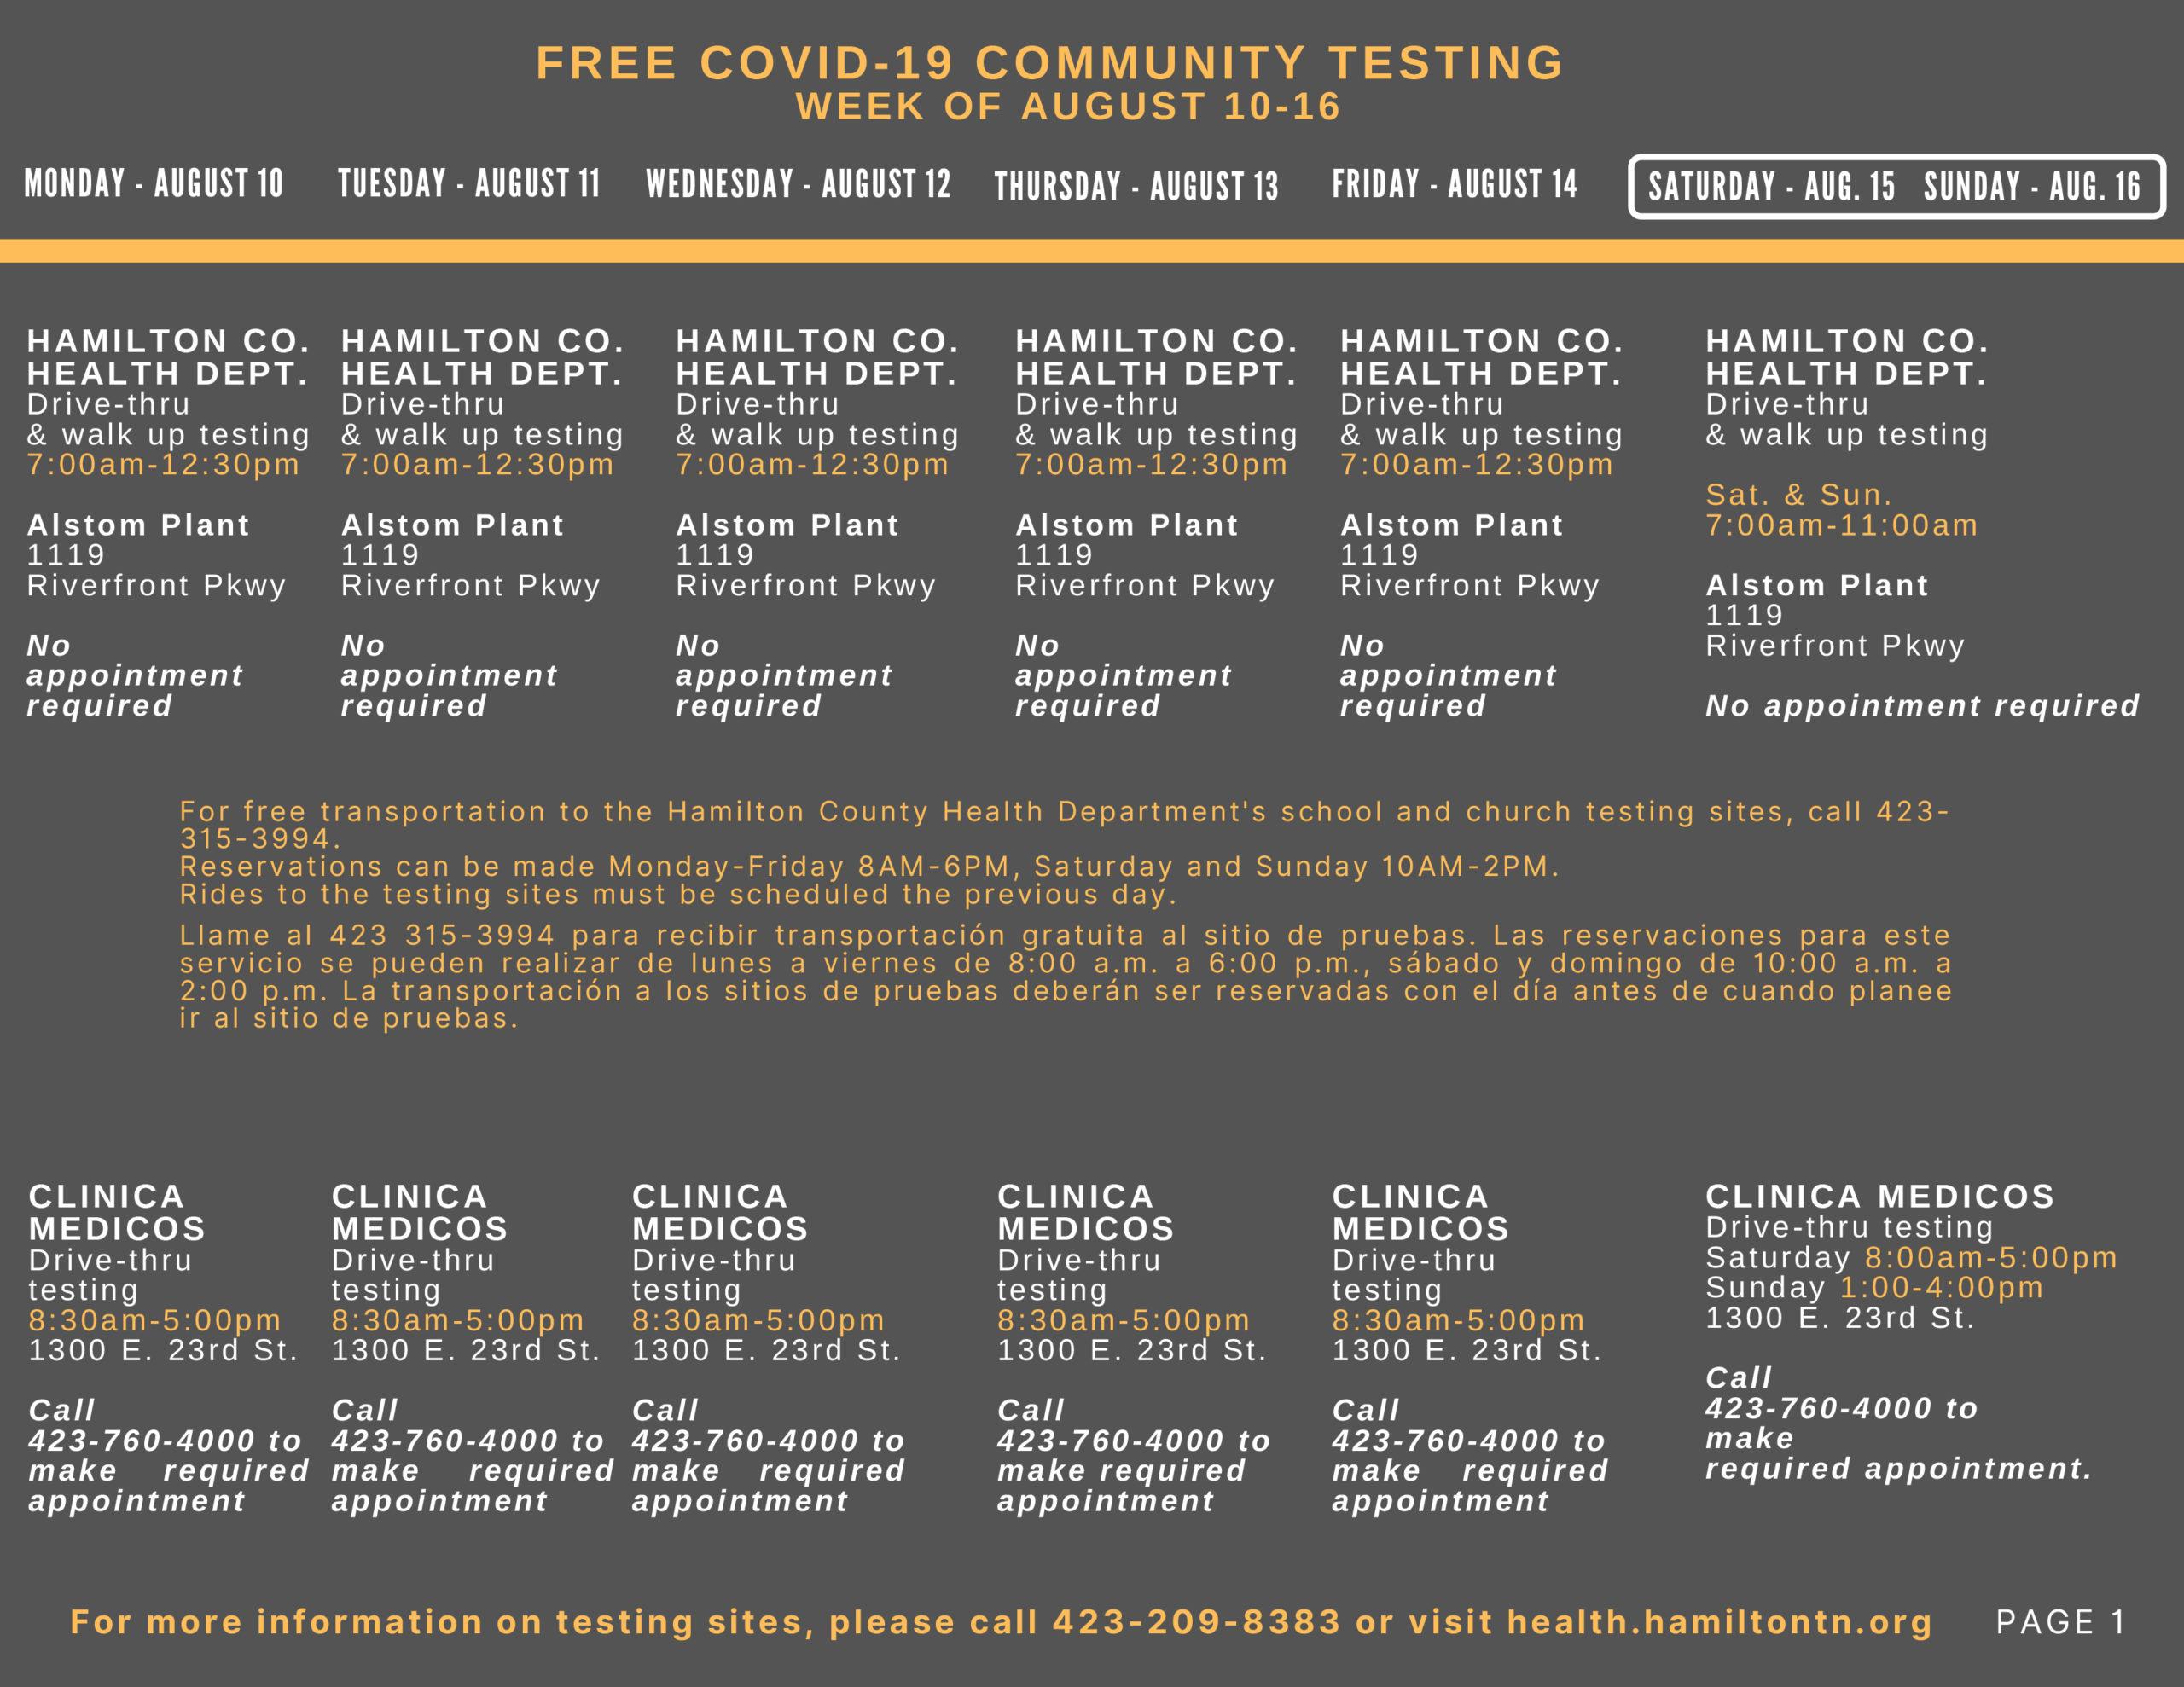 Community-testing-calendar-week-of-8.10.20-1